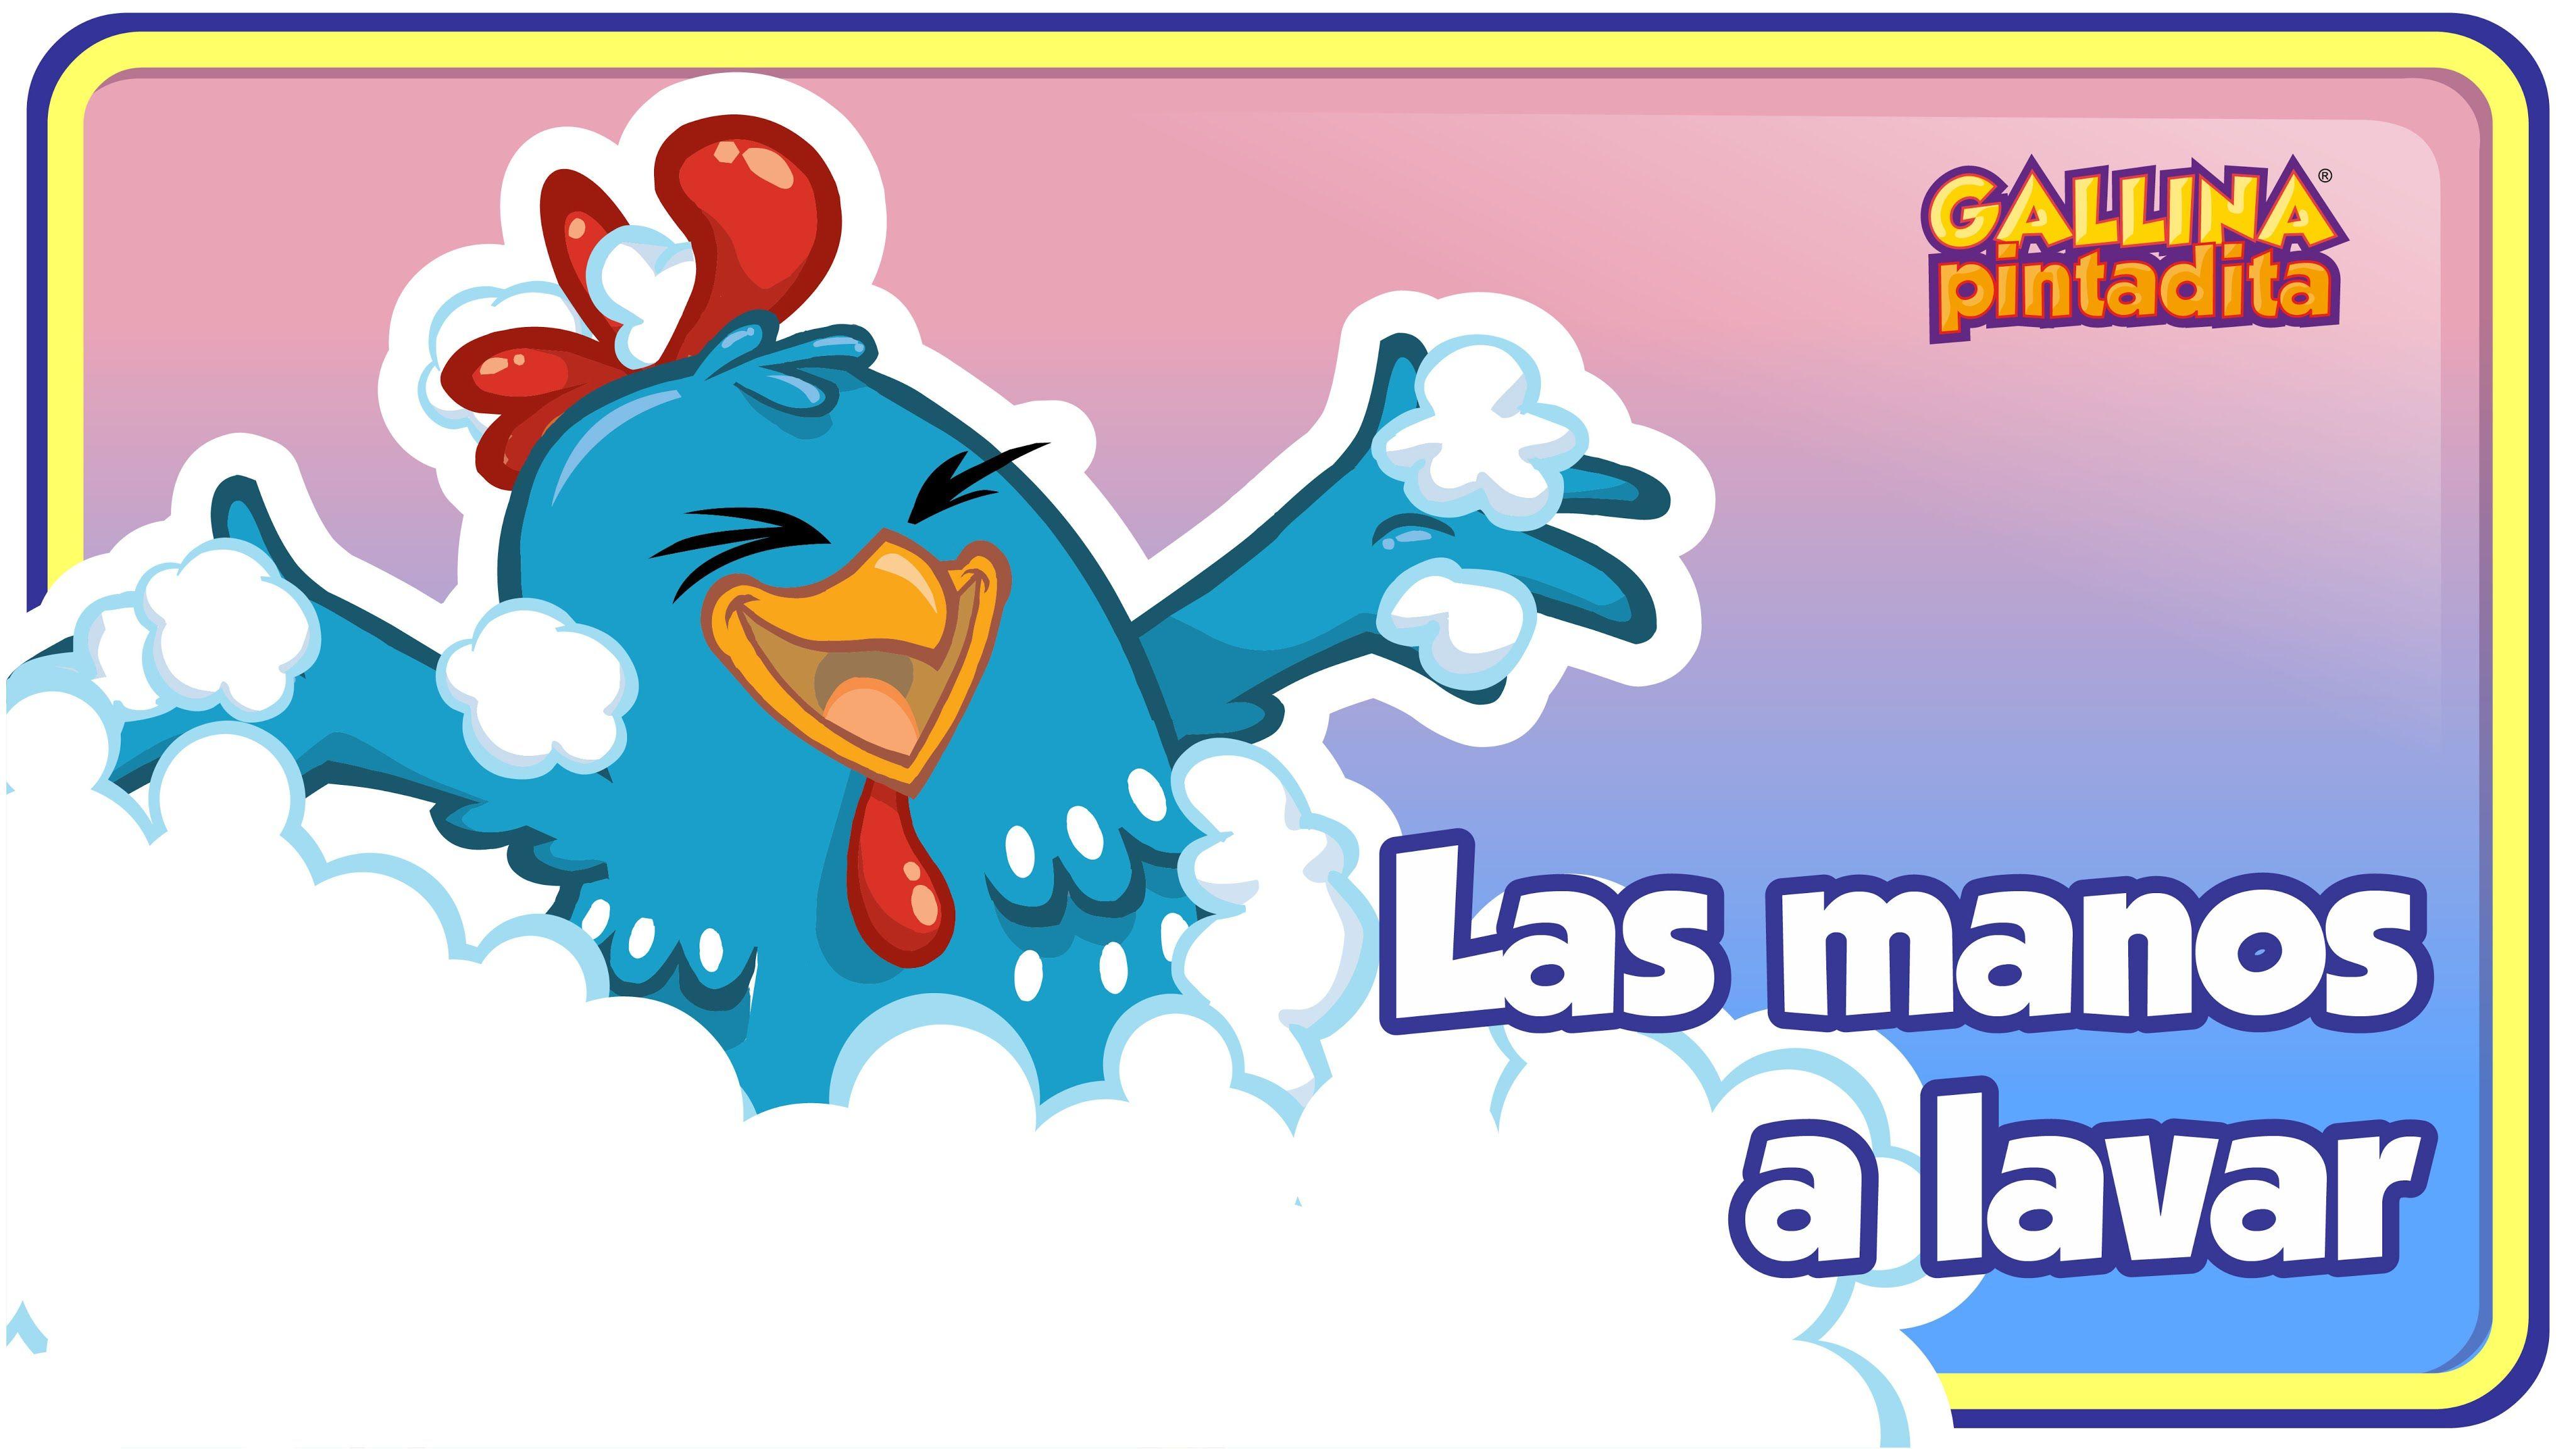 Las Manos A Lavar Gallina Pintadita 3 Oficial Español Canciones Infantiles Canciones De Niños Canciones Preescolar